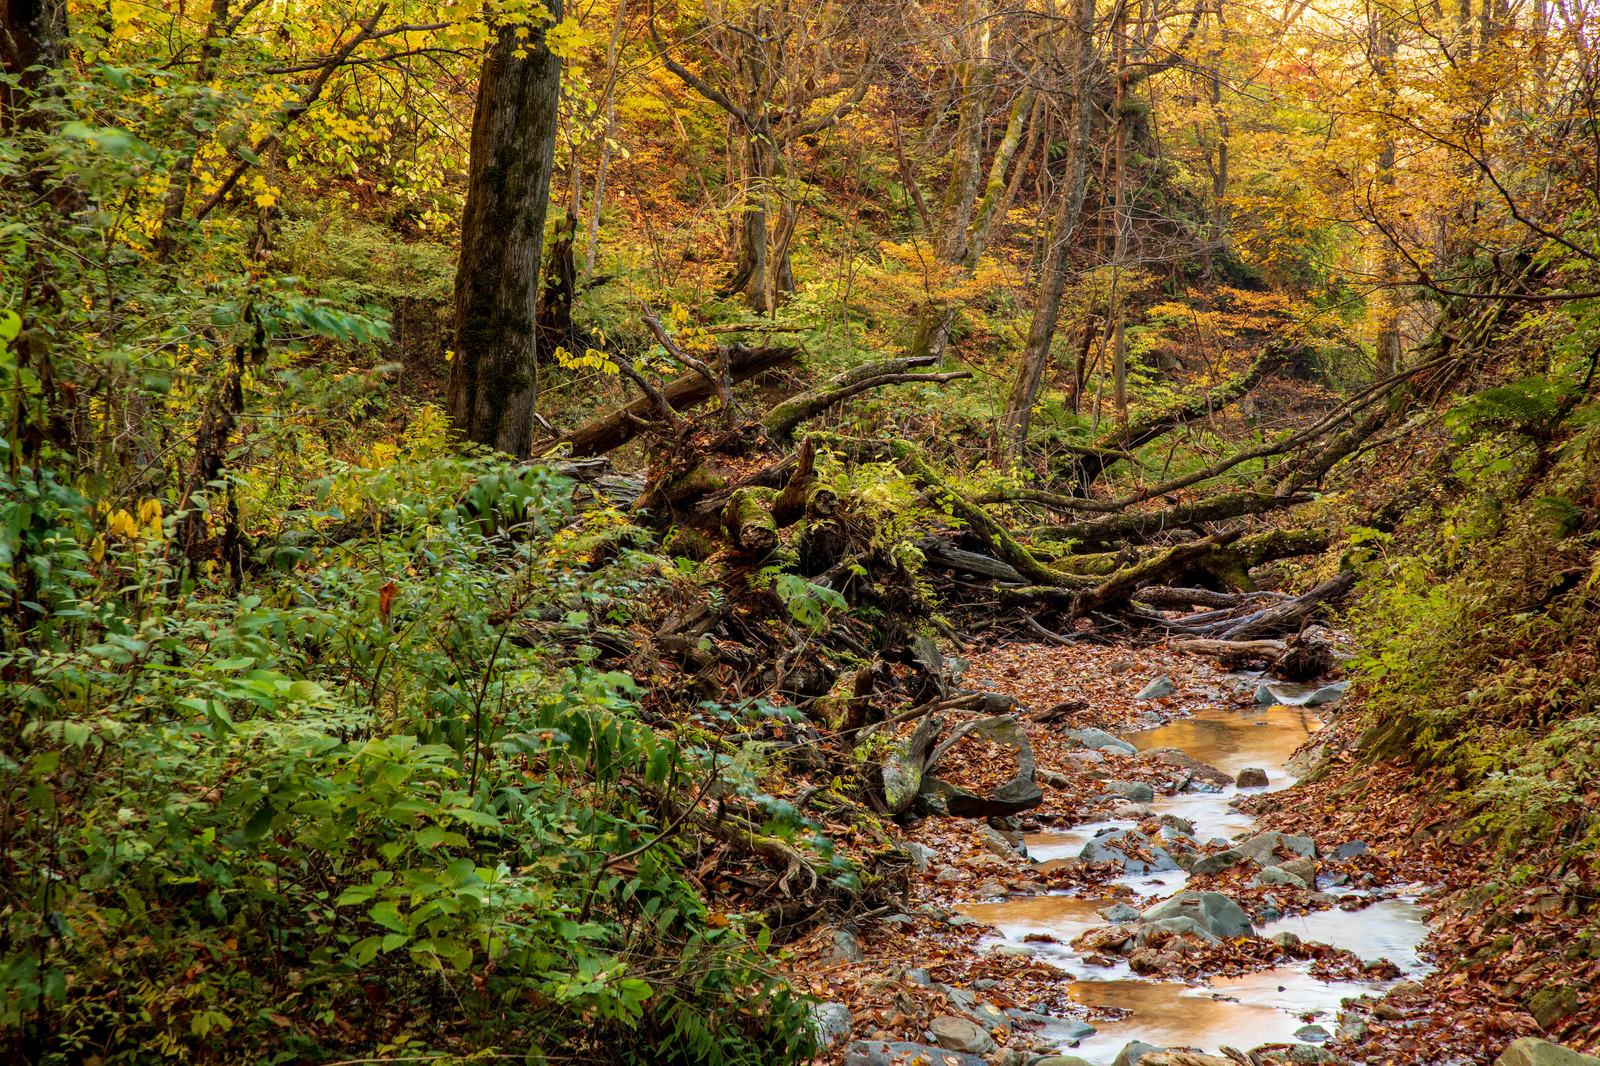 「紅葉した木々と朽ちた木を縫うように流れる渓流 | 写真の無料素材・フリー素材 - ぱくたそ」の写真